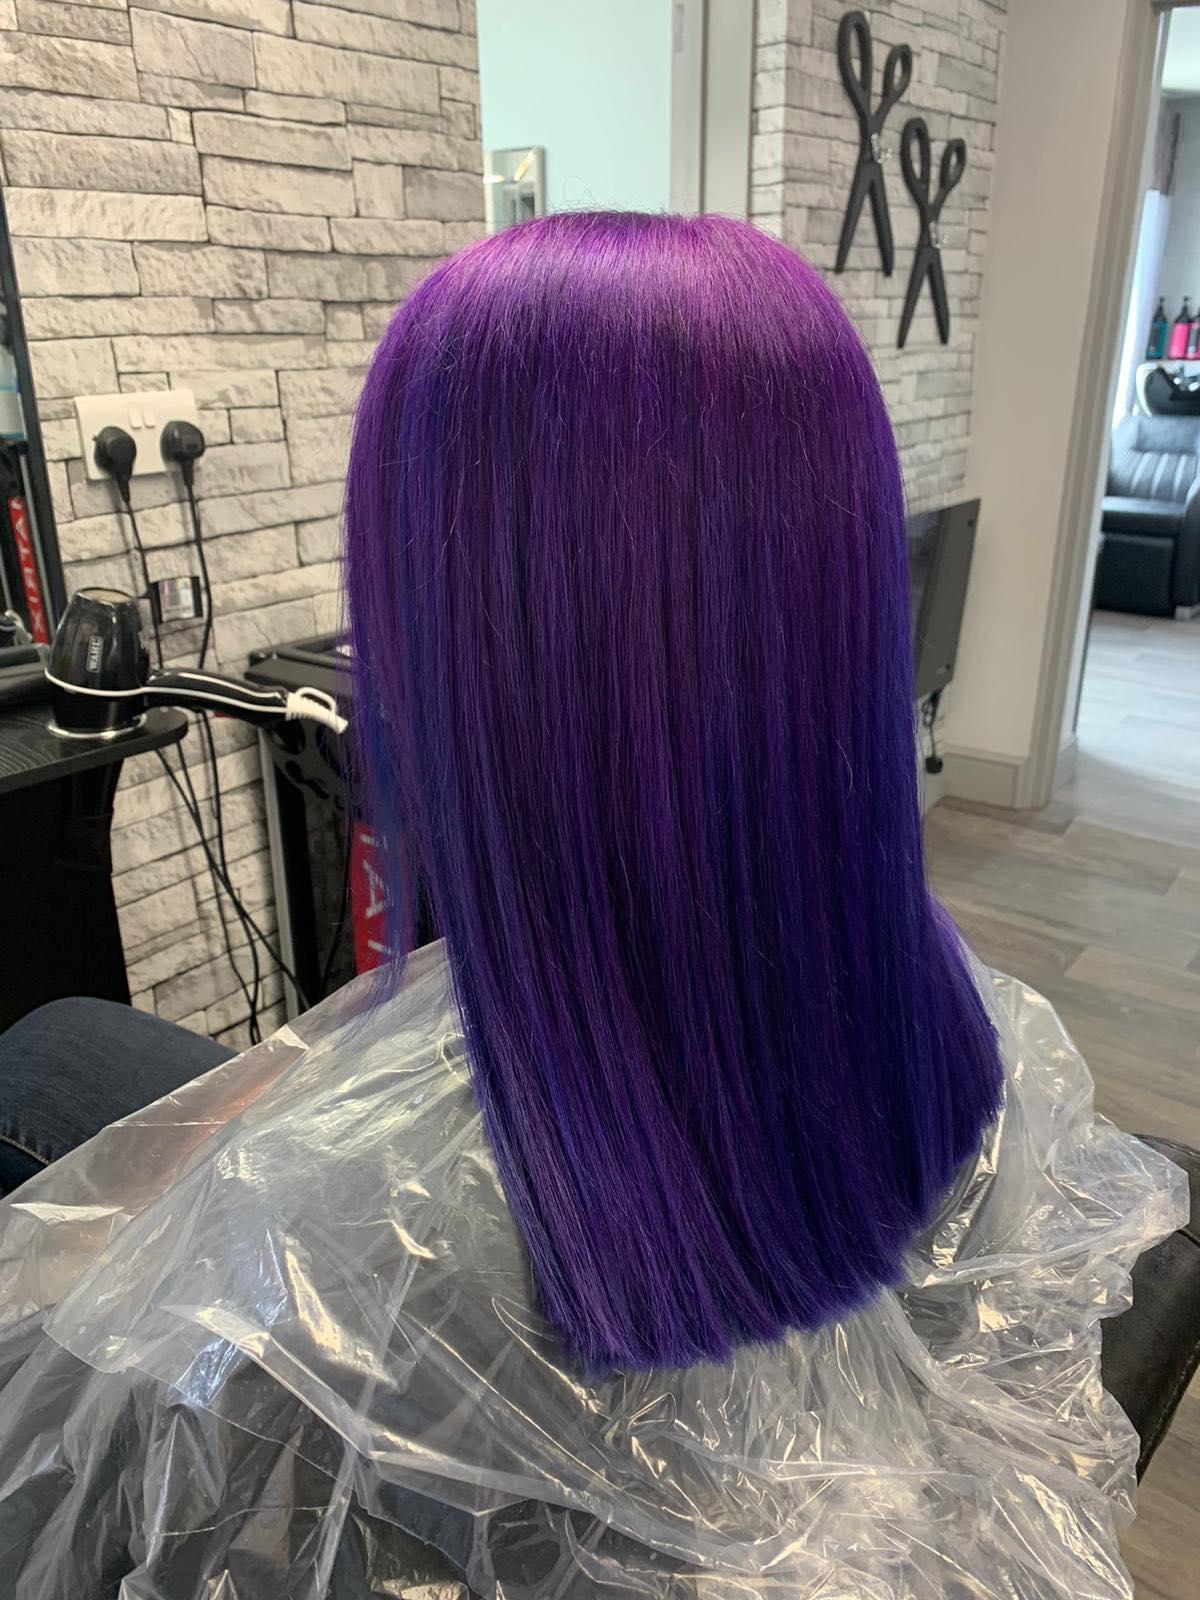 https://0201.nccdn.net/1_2/000/000/0f8/8c9/purple-july-202067_n.jpg